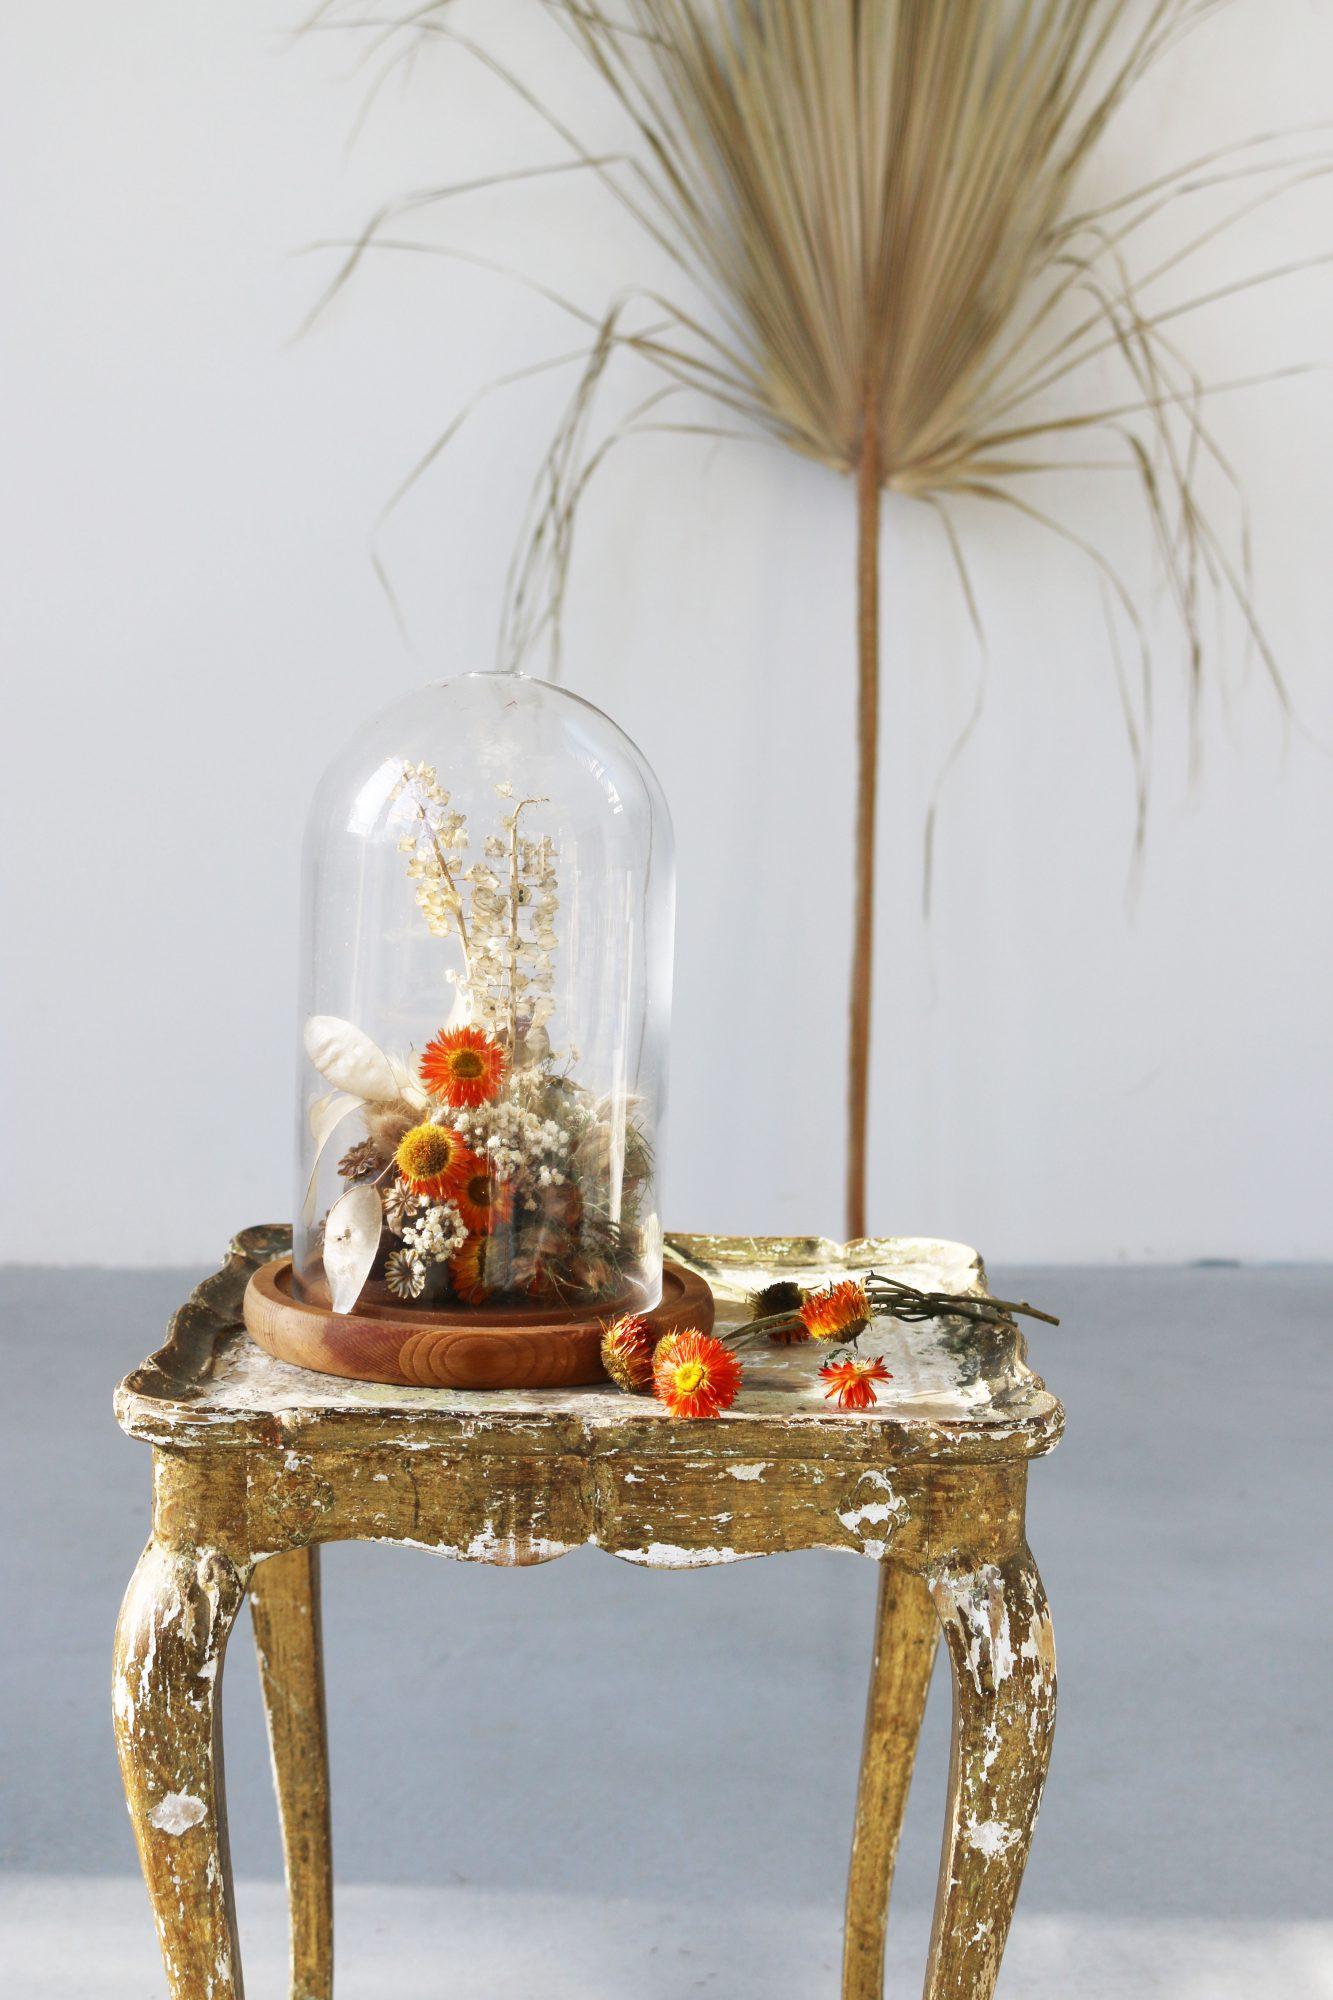 stolp droogbloemen